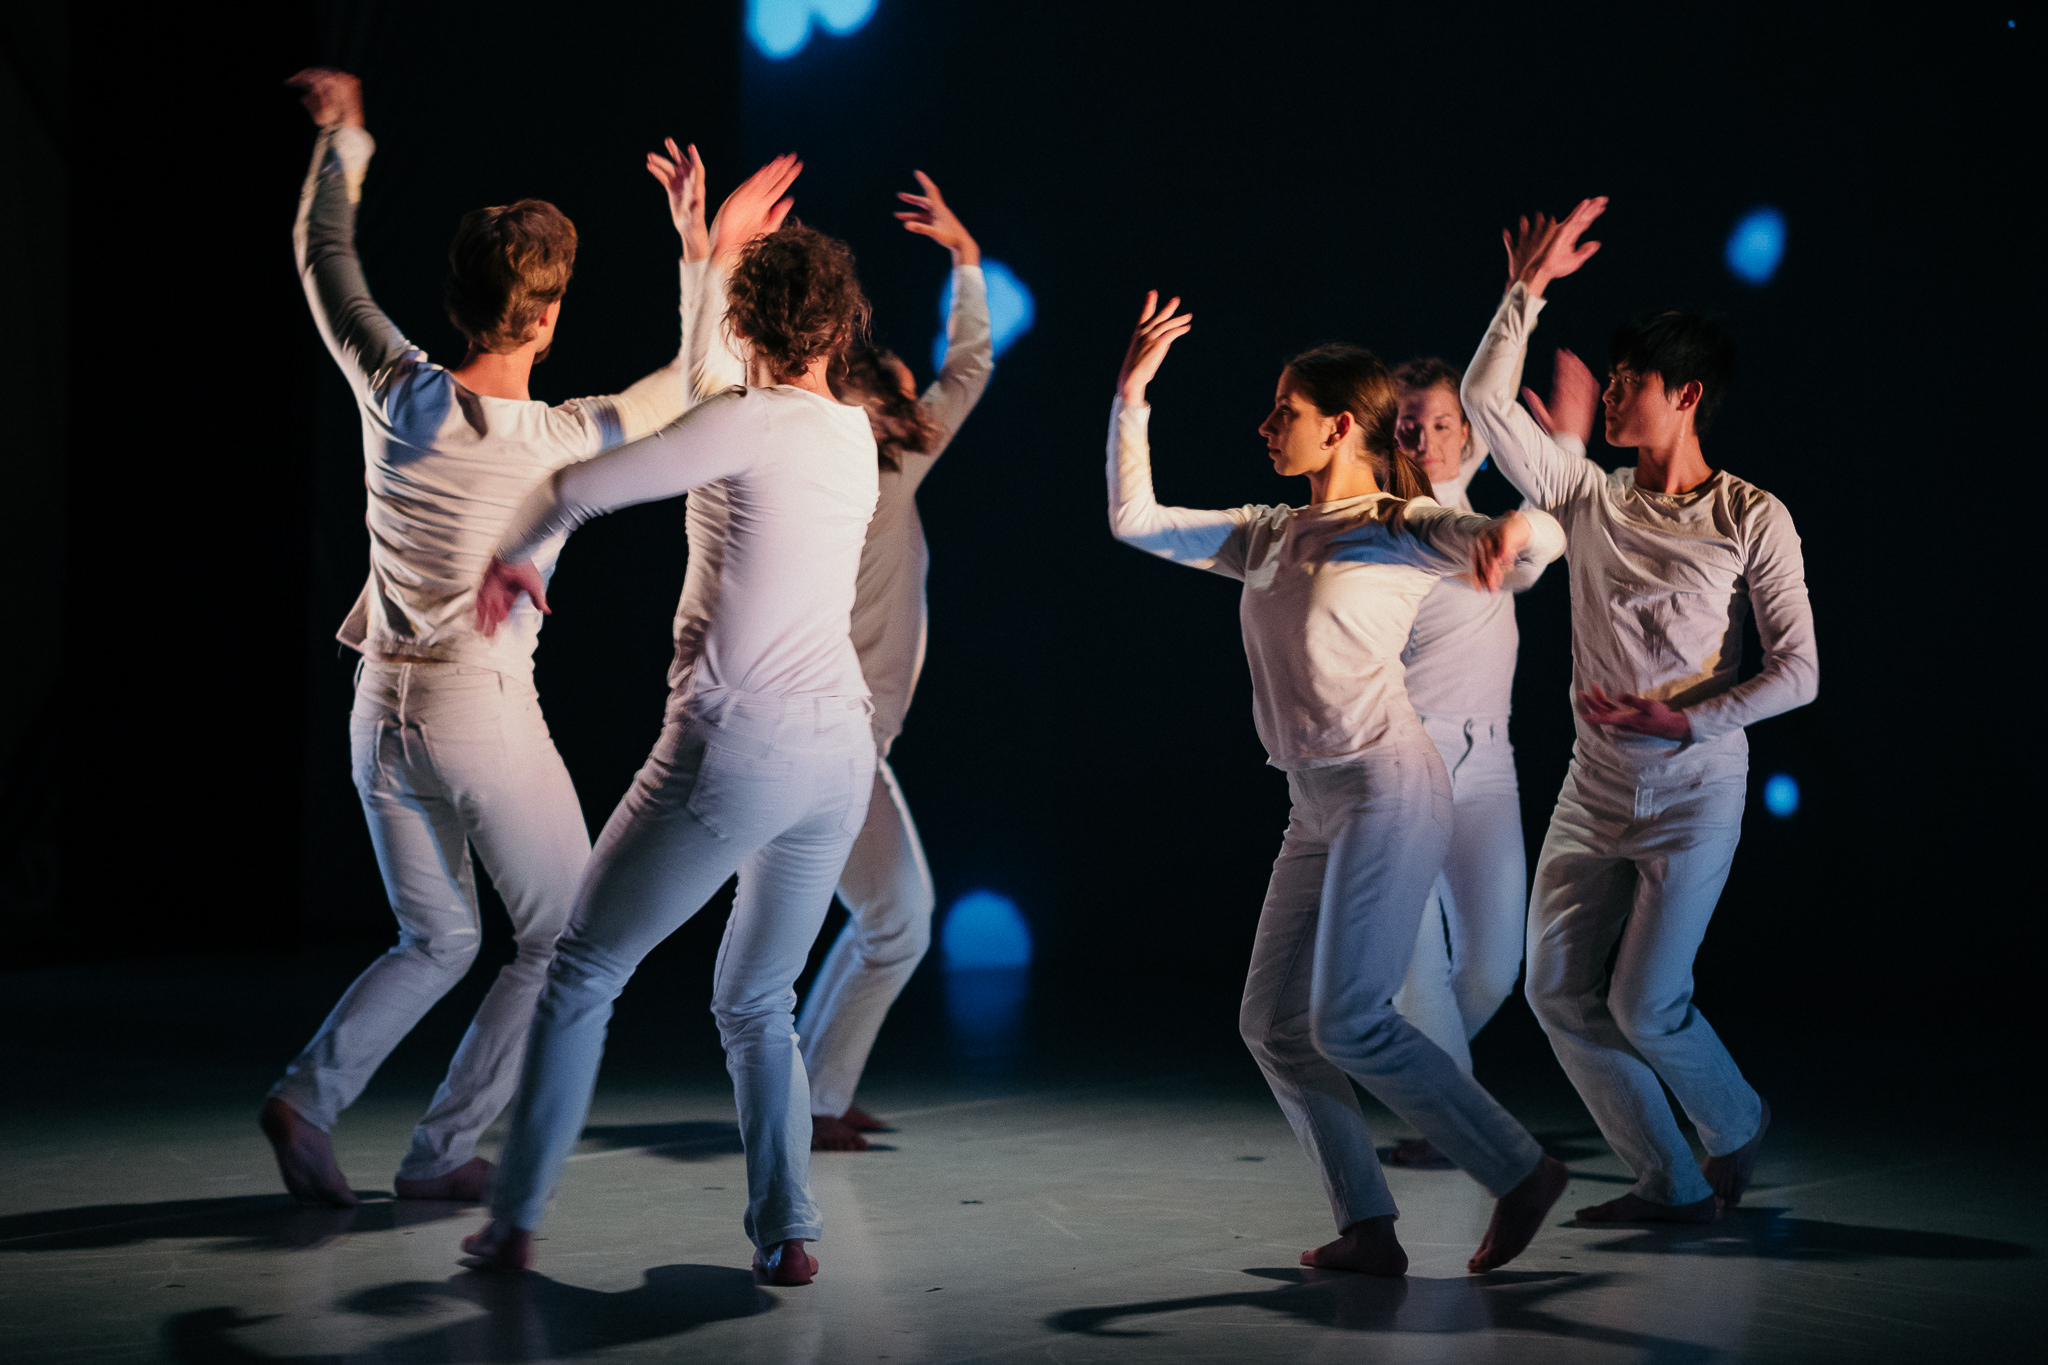 Divadlo Štúdio Tanca: Spaces (foto V. Veverka)